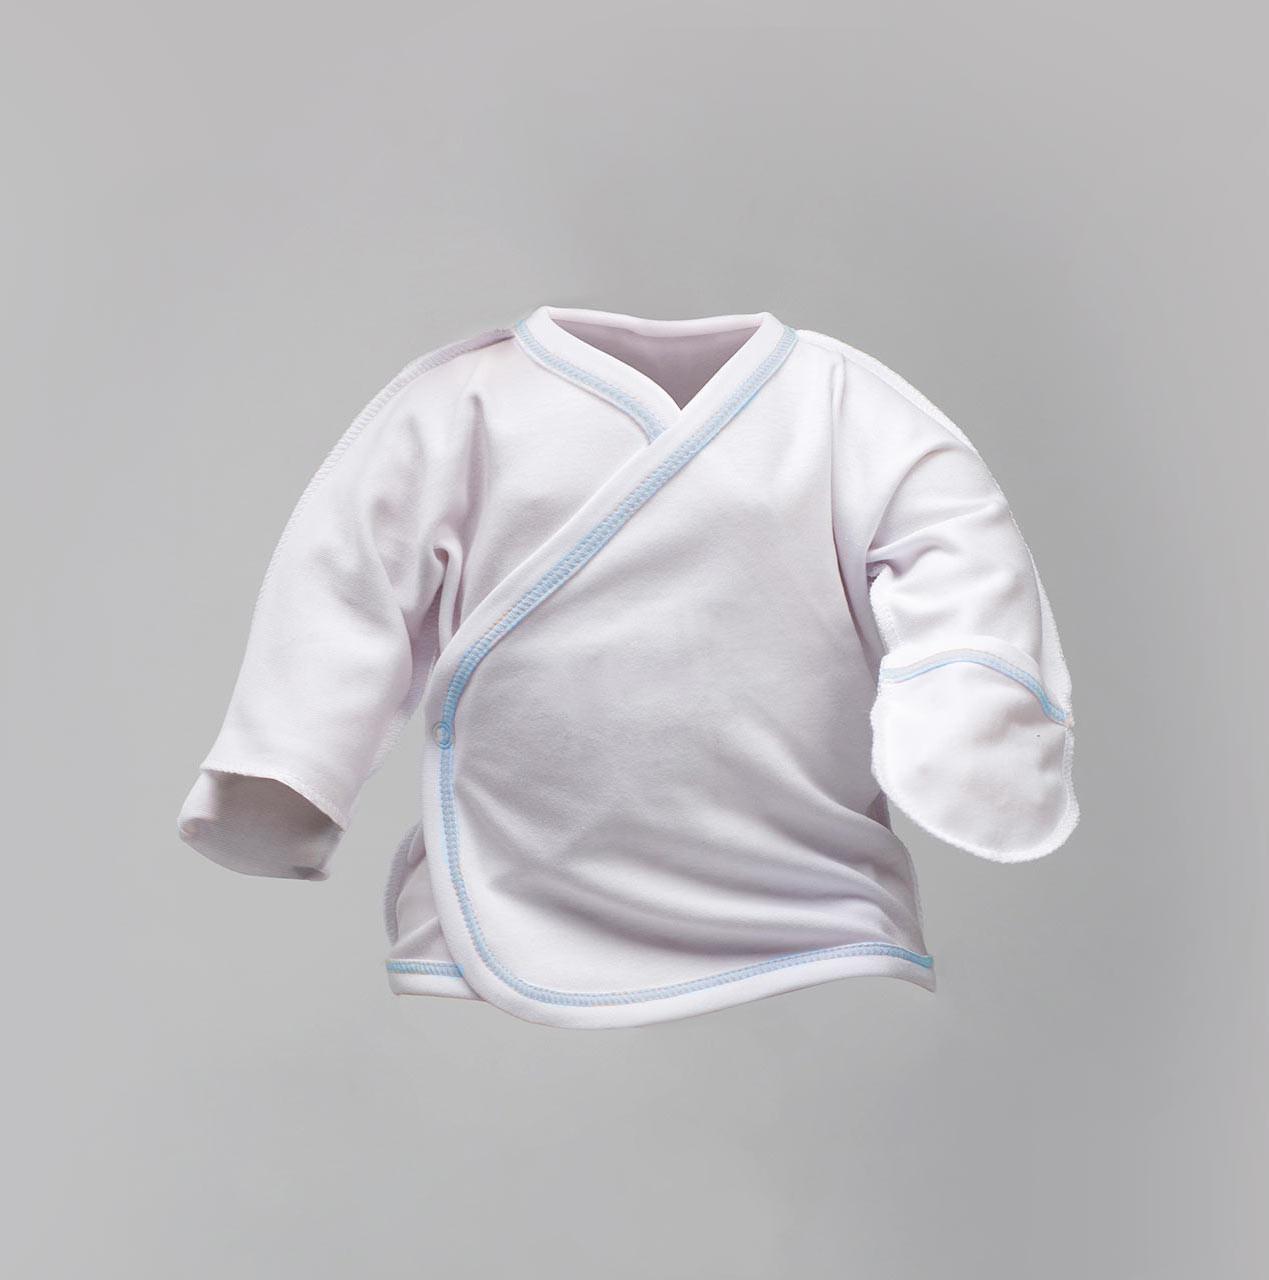 Распашонка белая для новорожденных, отстрочена голубой нитью Интерлок    Льоля Victory для хлопчиків від 0